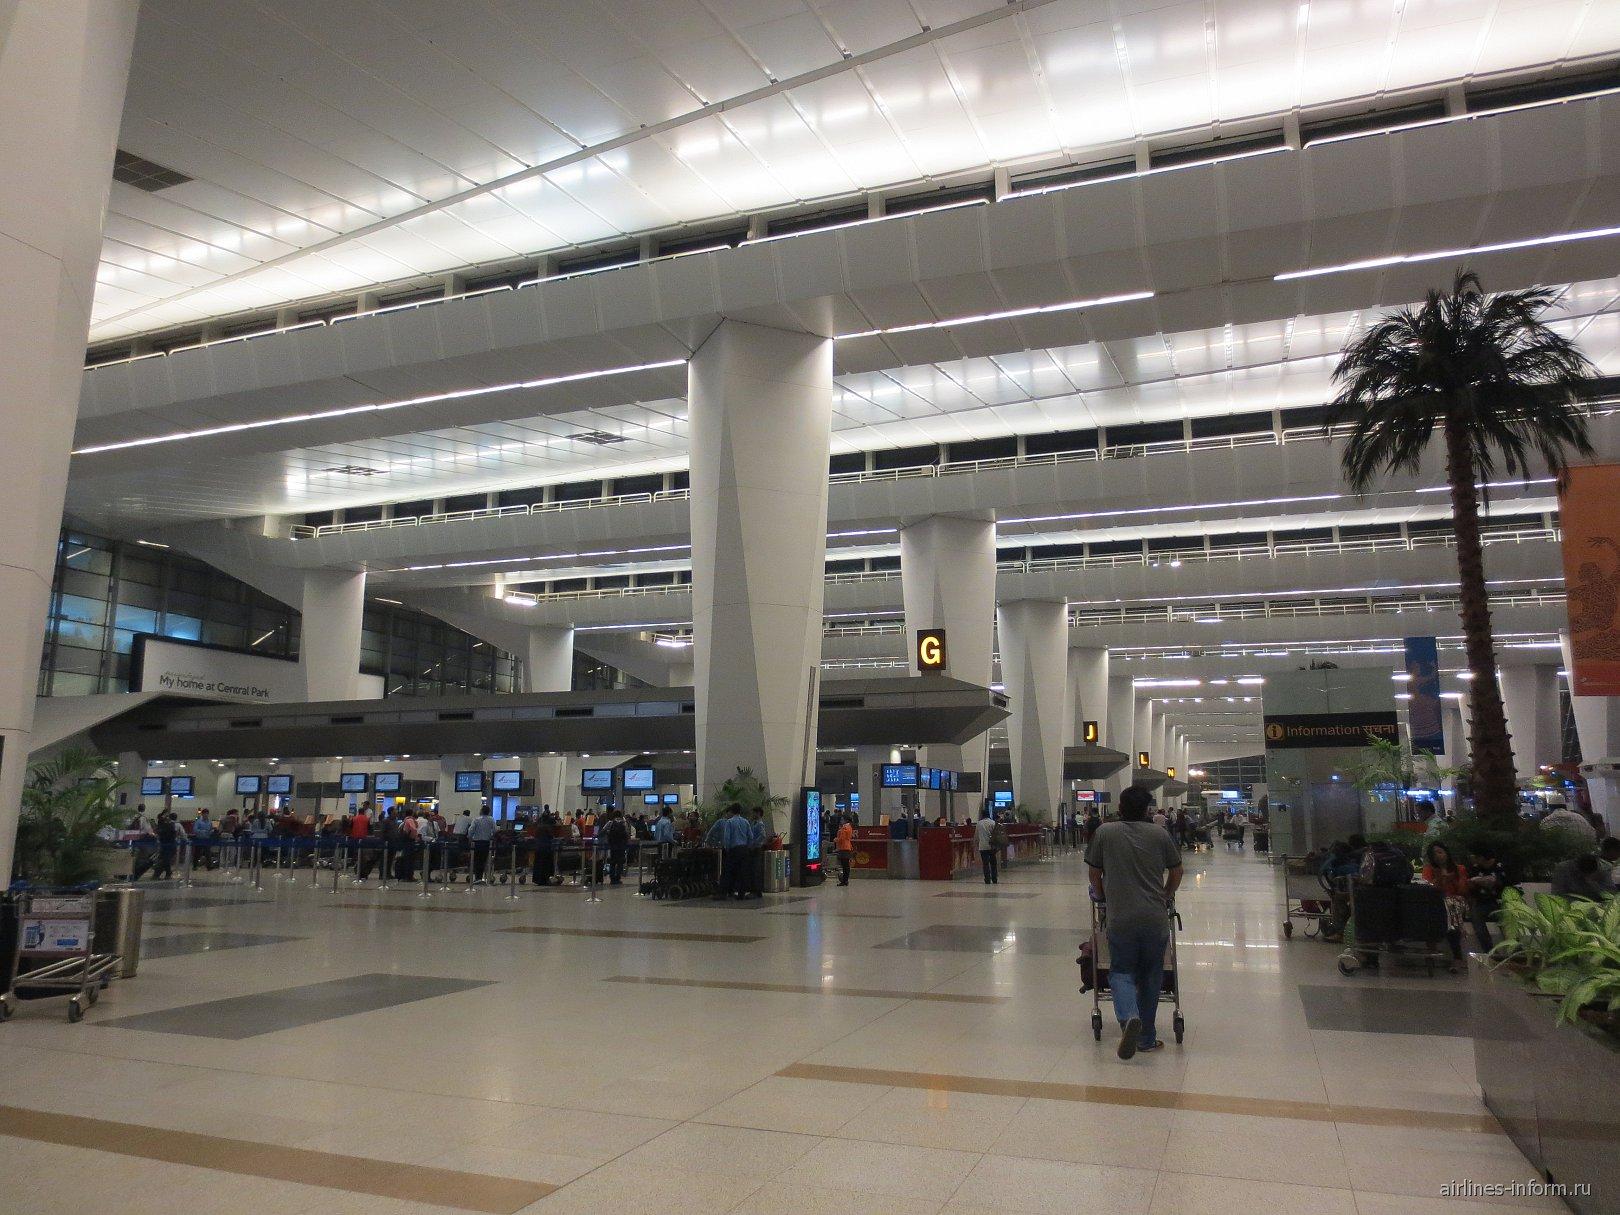 Зона регистрации в аэропорту Дели имени Индиры Ганди